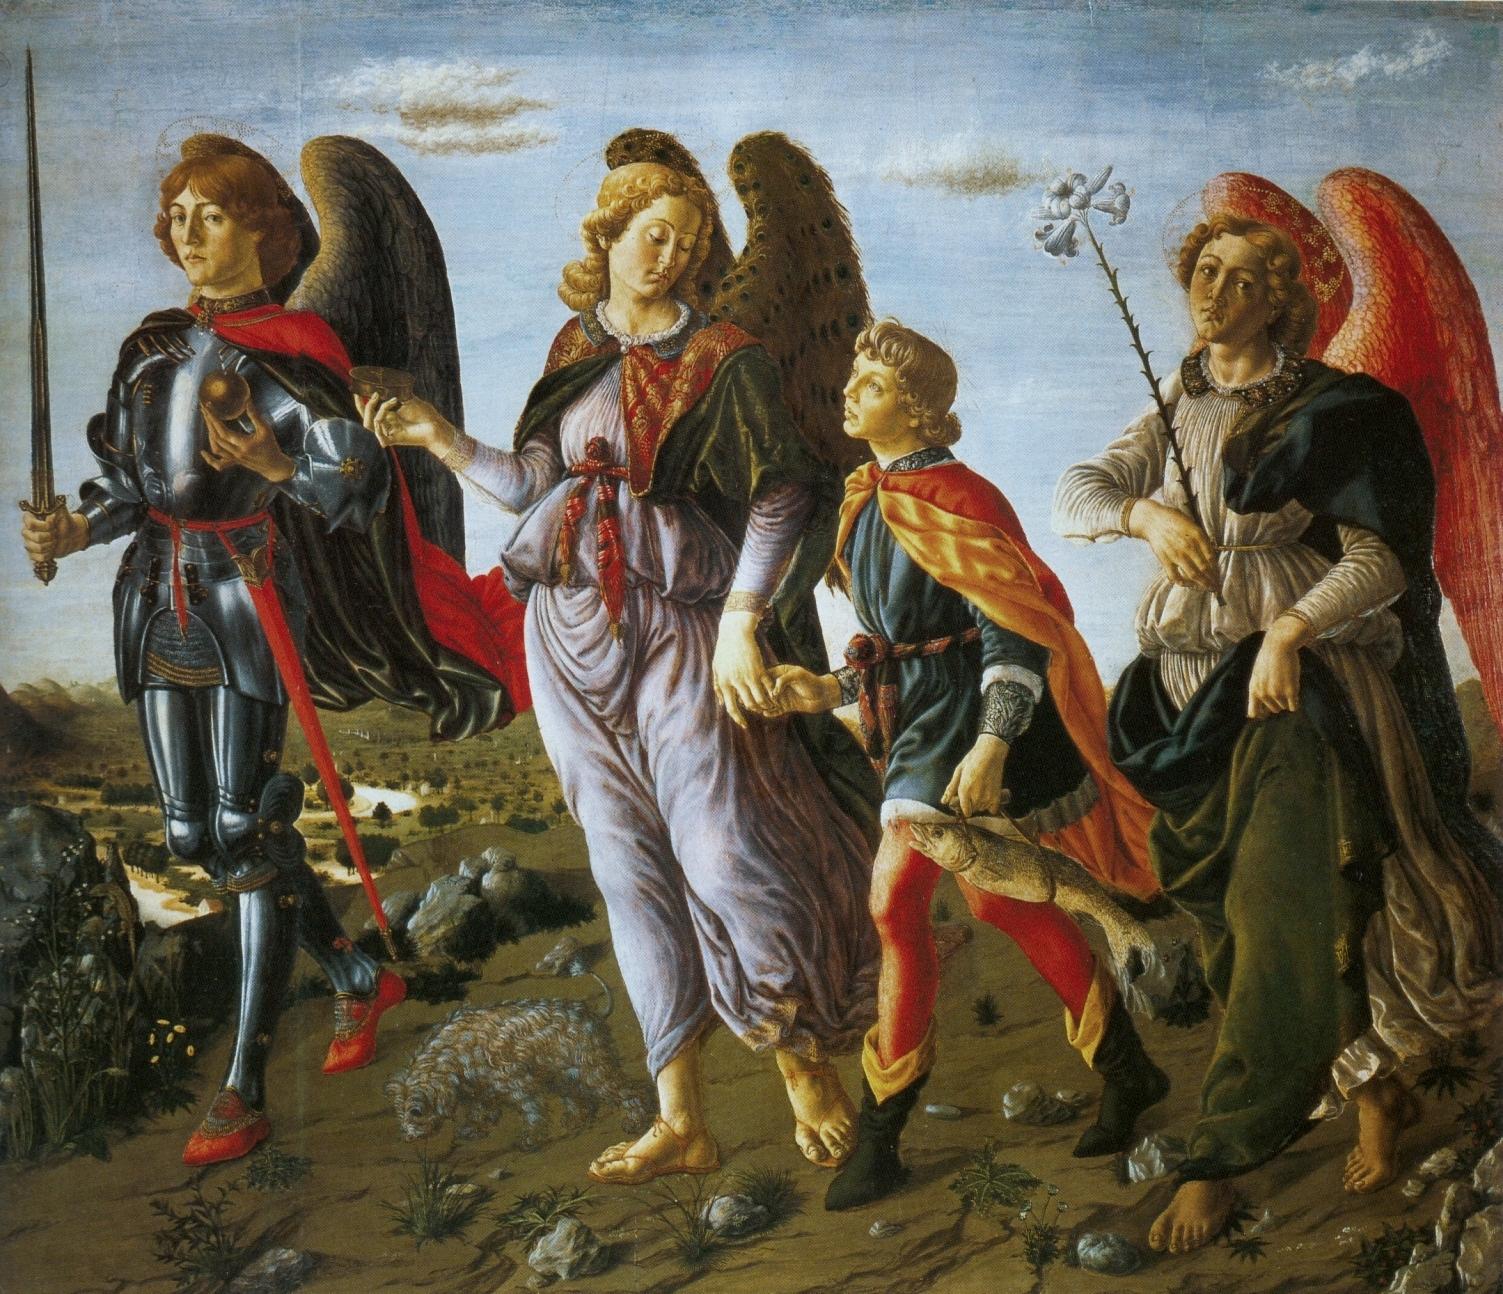 Francesco_Botticini_Three_Archangels_with_Tobias._(135x154cm)_c.1471_Uffizi,_Florence